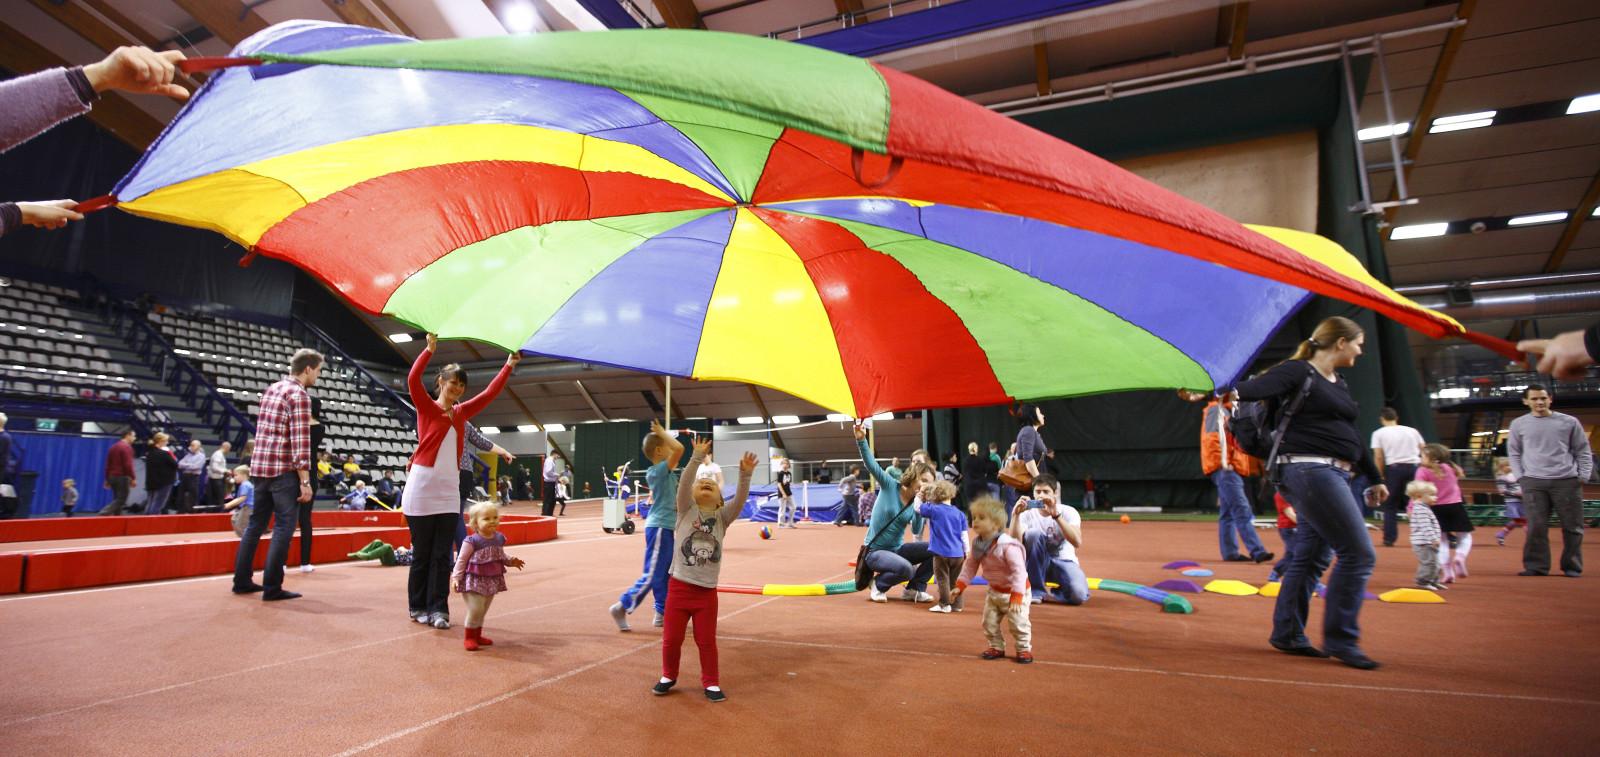 Arkistokuva Lasten liikunnan ihmemaasta Kupittaan urheiluhallista